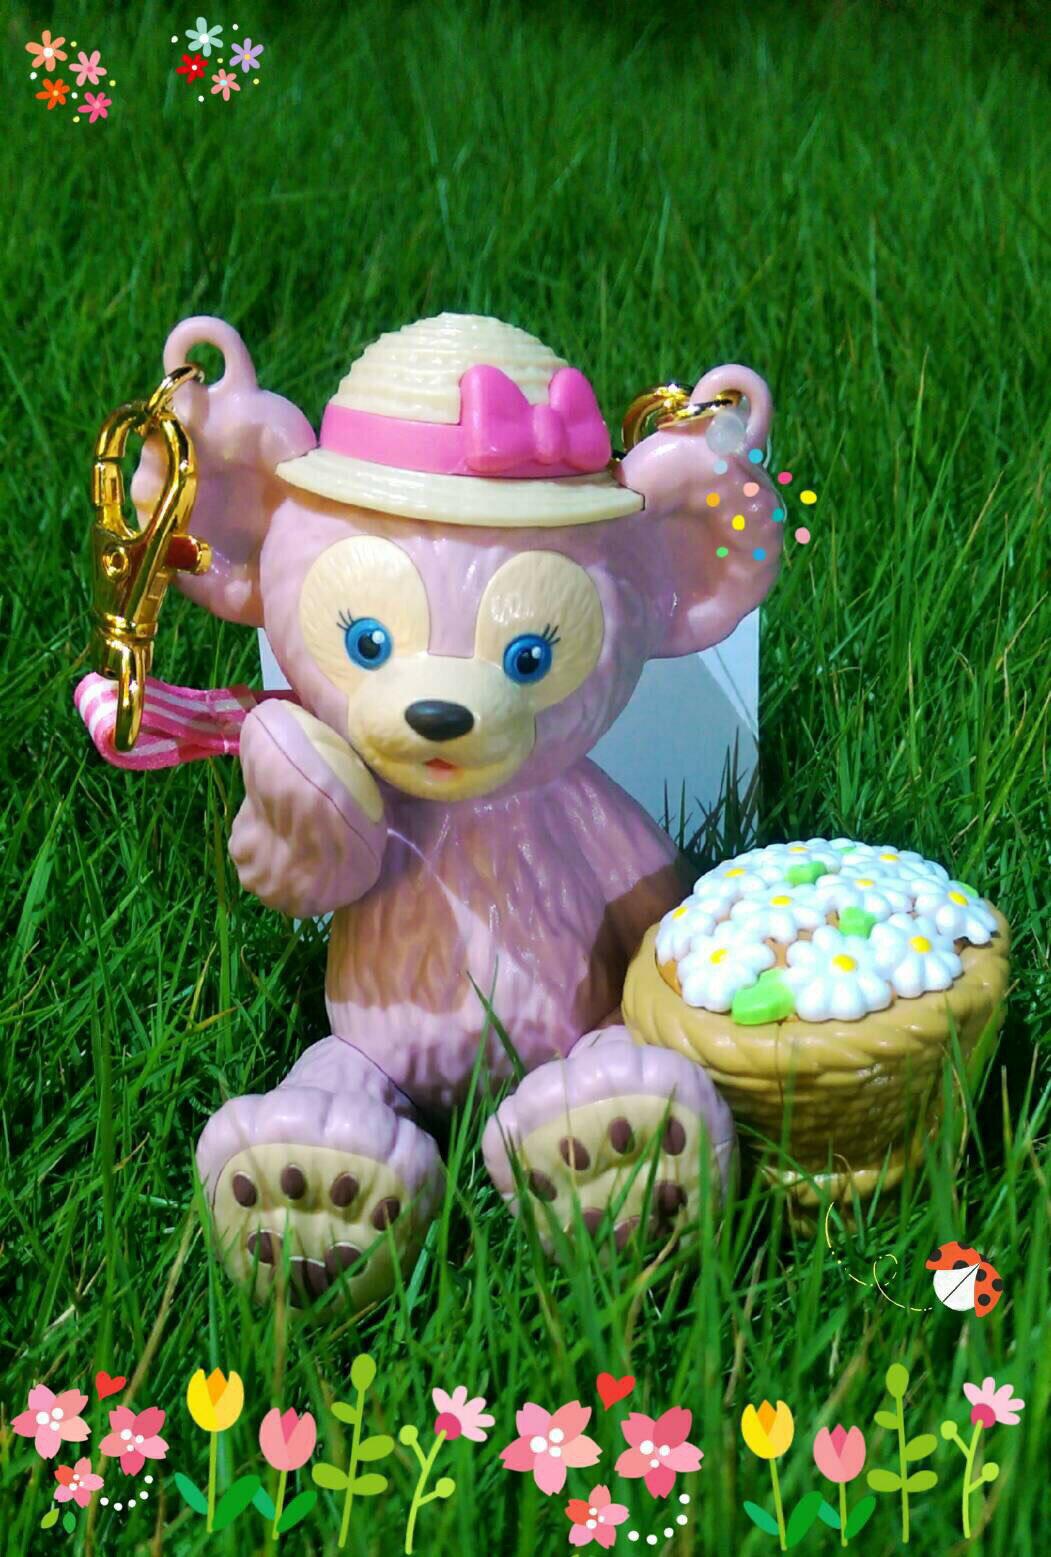 【真愛日本】16082700027樂園造型糖果罐附掛繩-雪莉玫花籃雪莉玫 Duffy 達菲熊&ShellieMay收納罐日本帶回